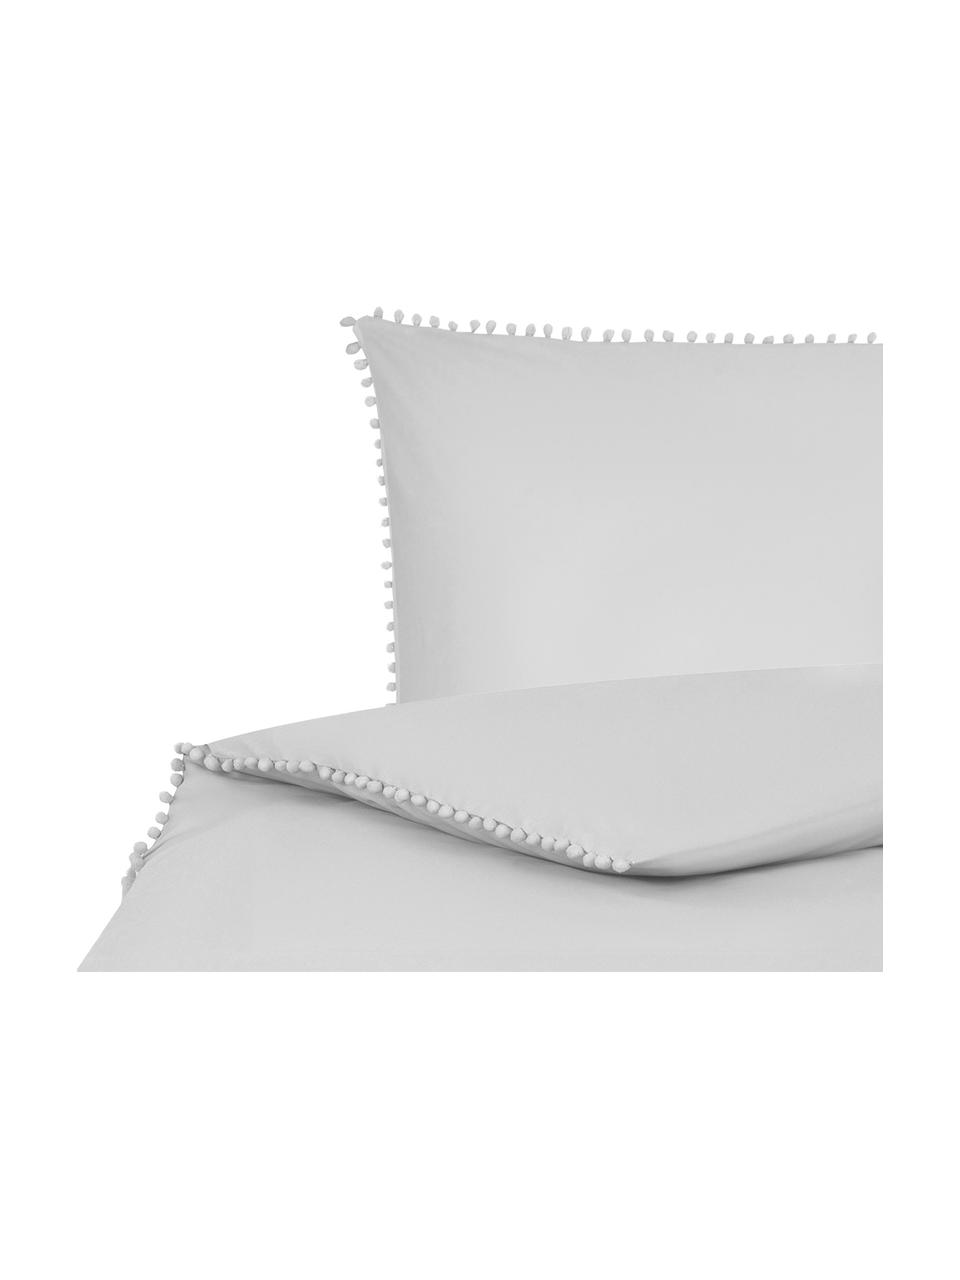 Parure copripiumino in cotone percalle con pompon Bommy, Grigio, 155 x 200 cm + 1 federa 50 x 80 cm